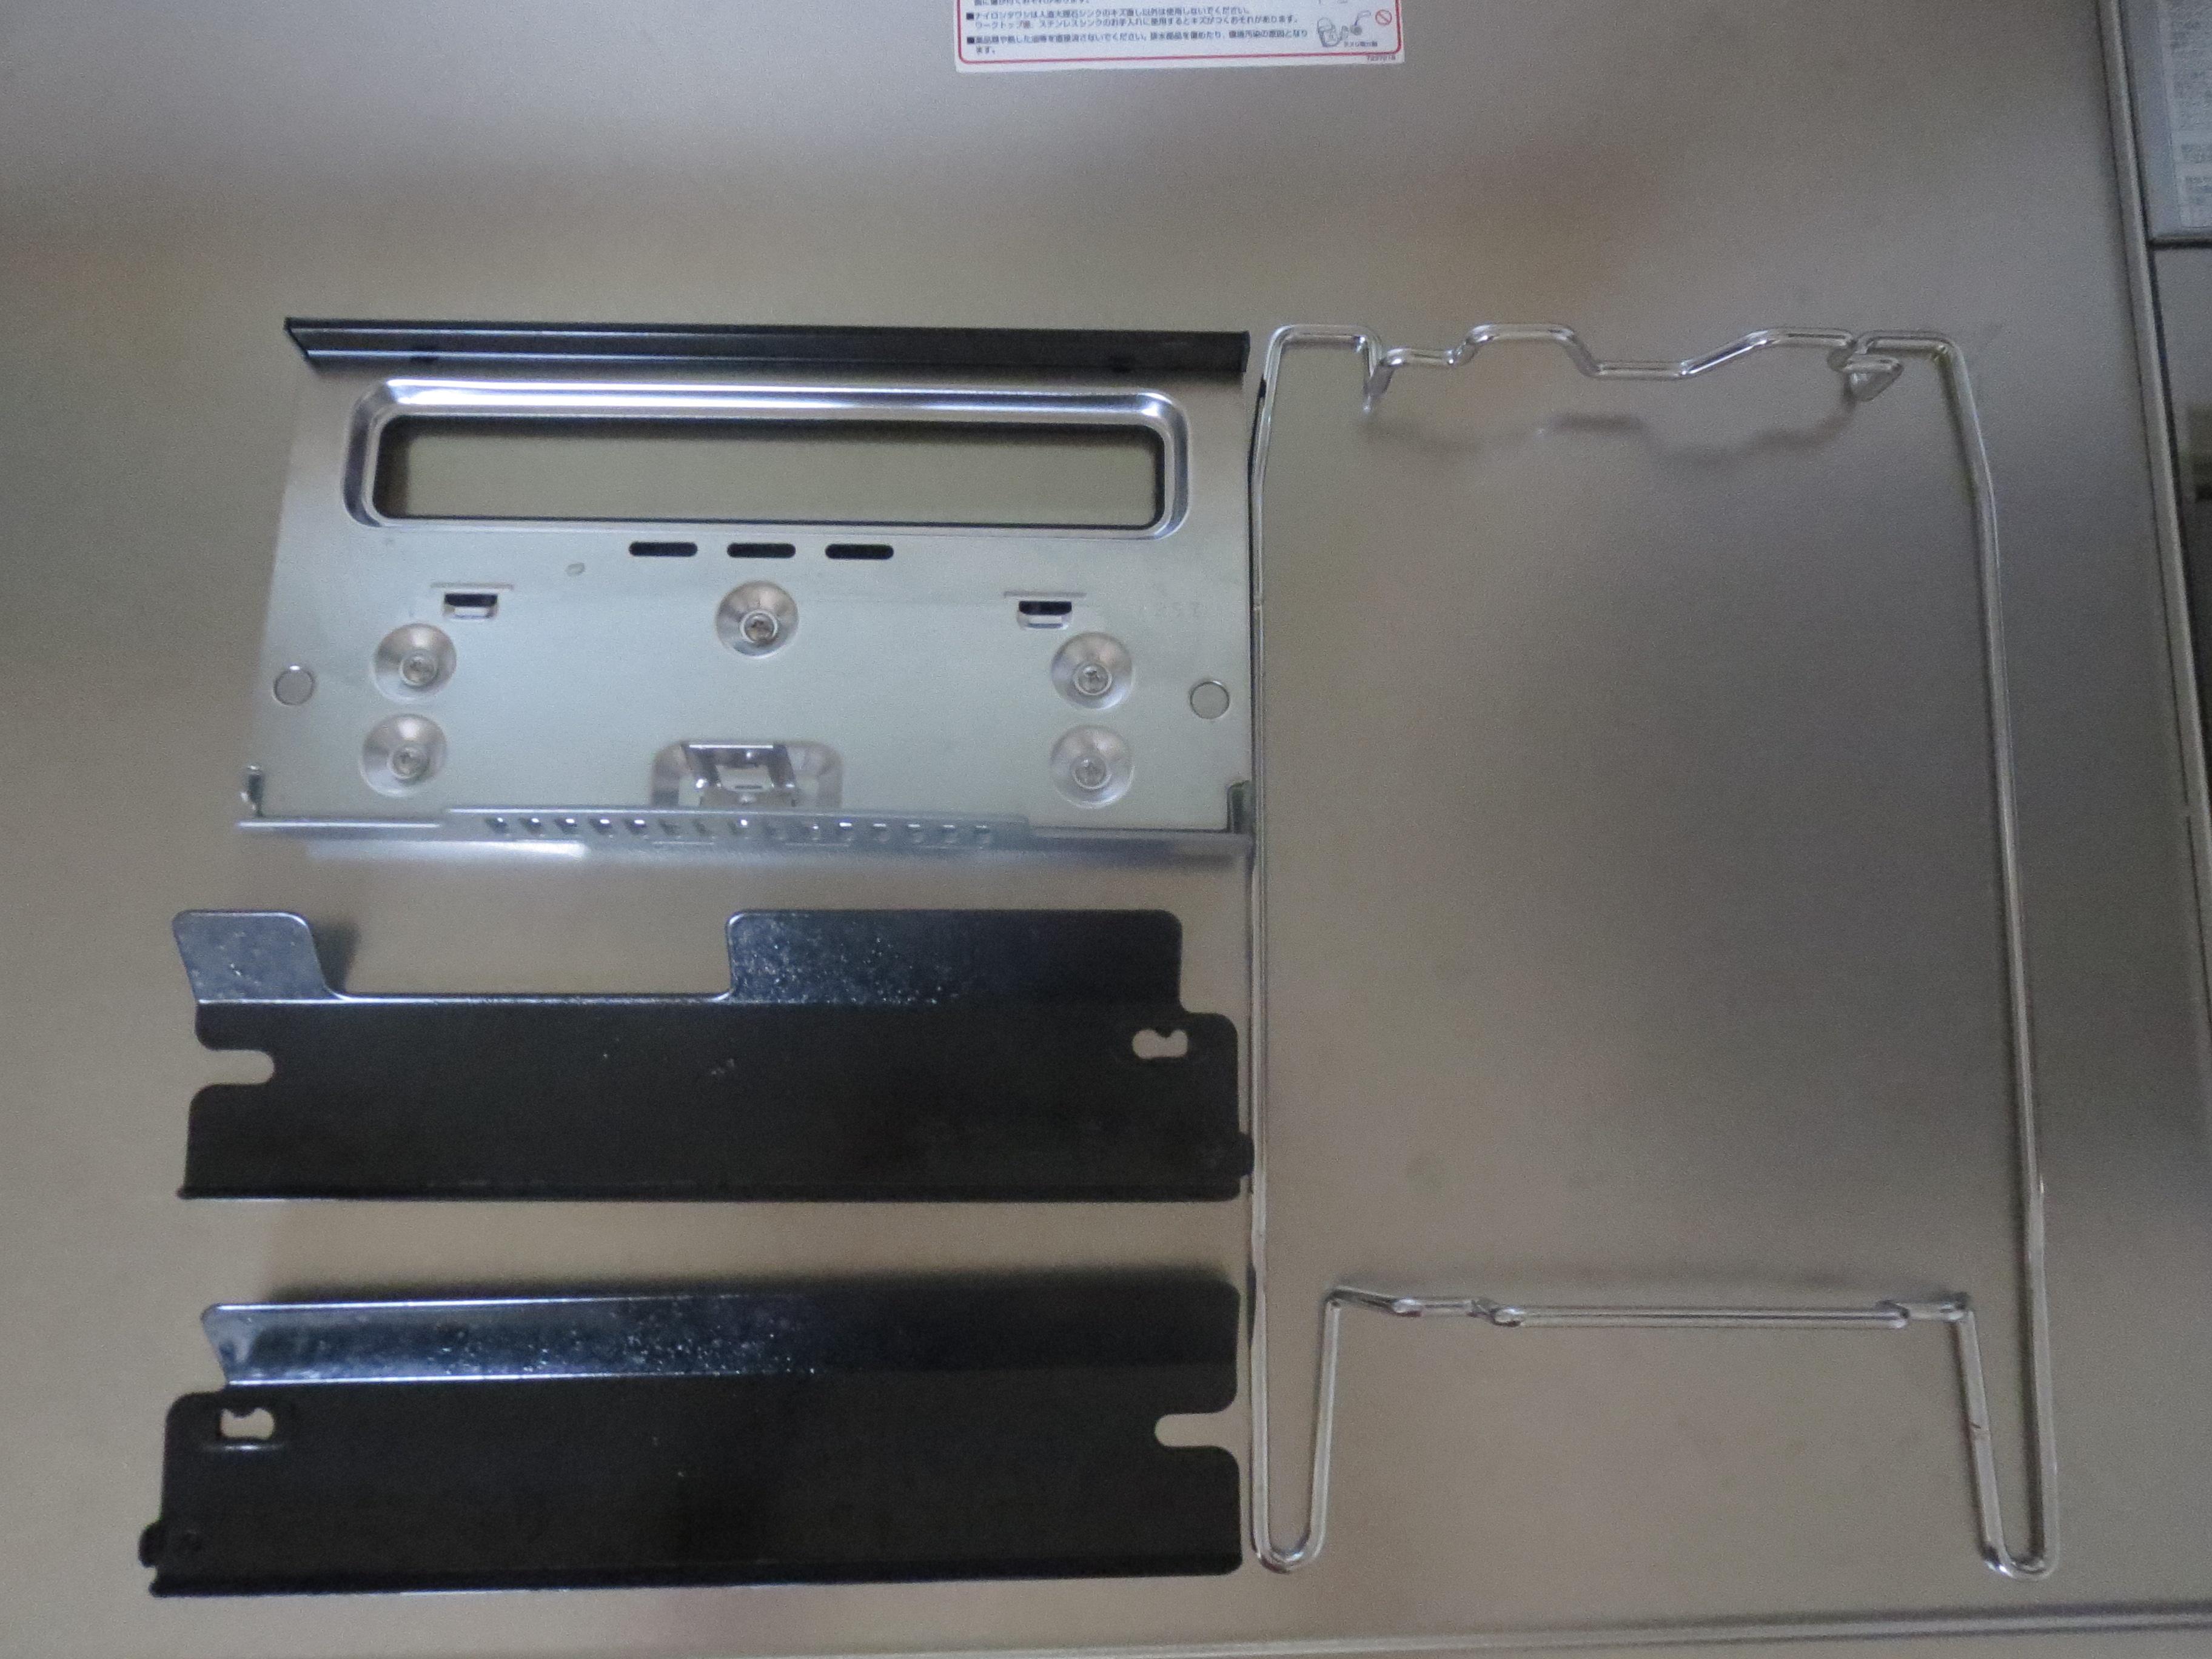 ノーリツコンロ「プログレ」のマルチ部分のとびら、プレートパンを支える枠、グリル左右についているカバーが簡単に取りはずしできるところの画像